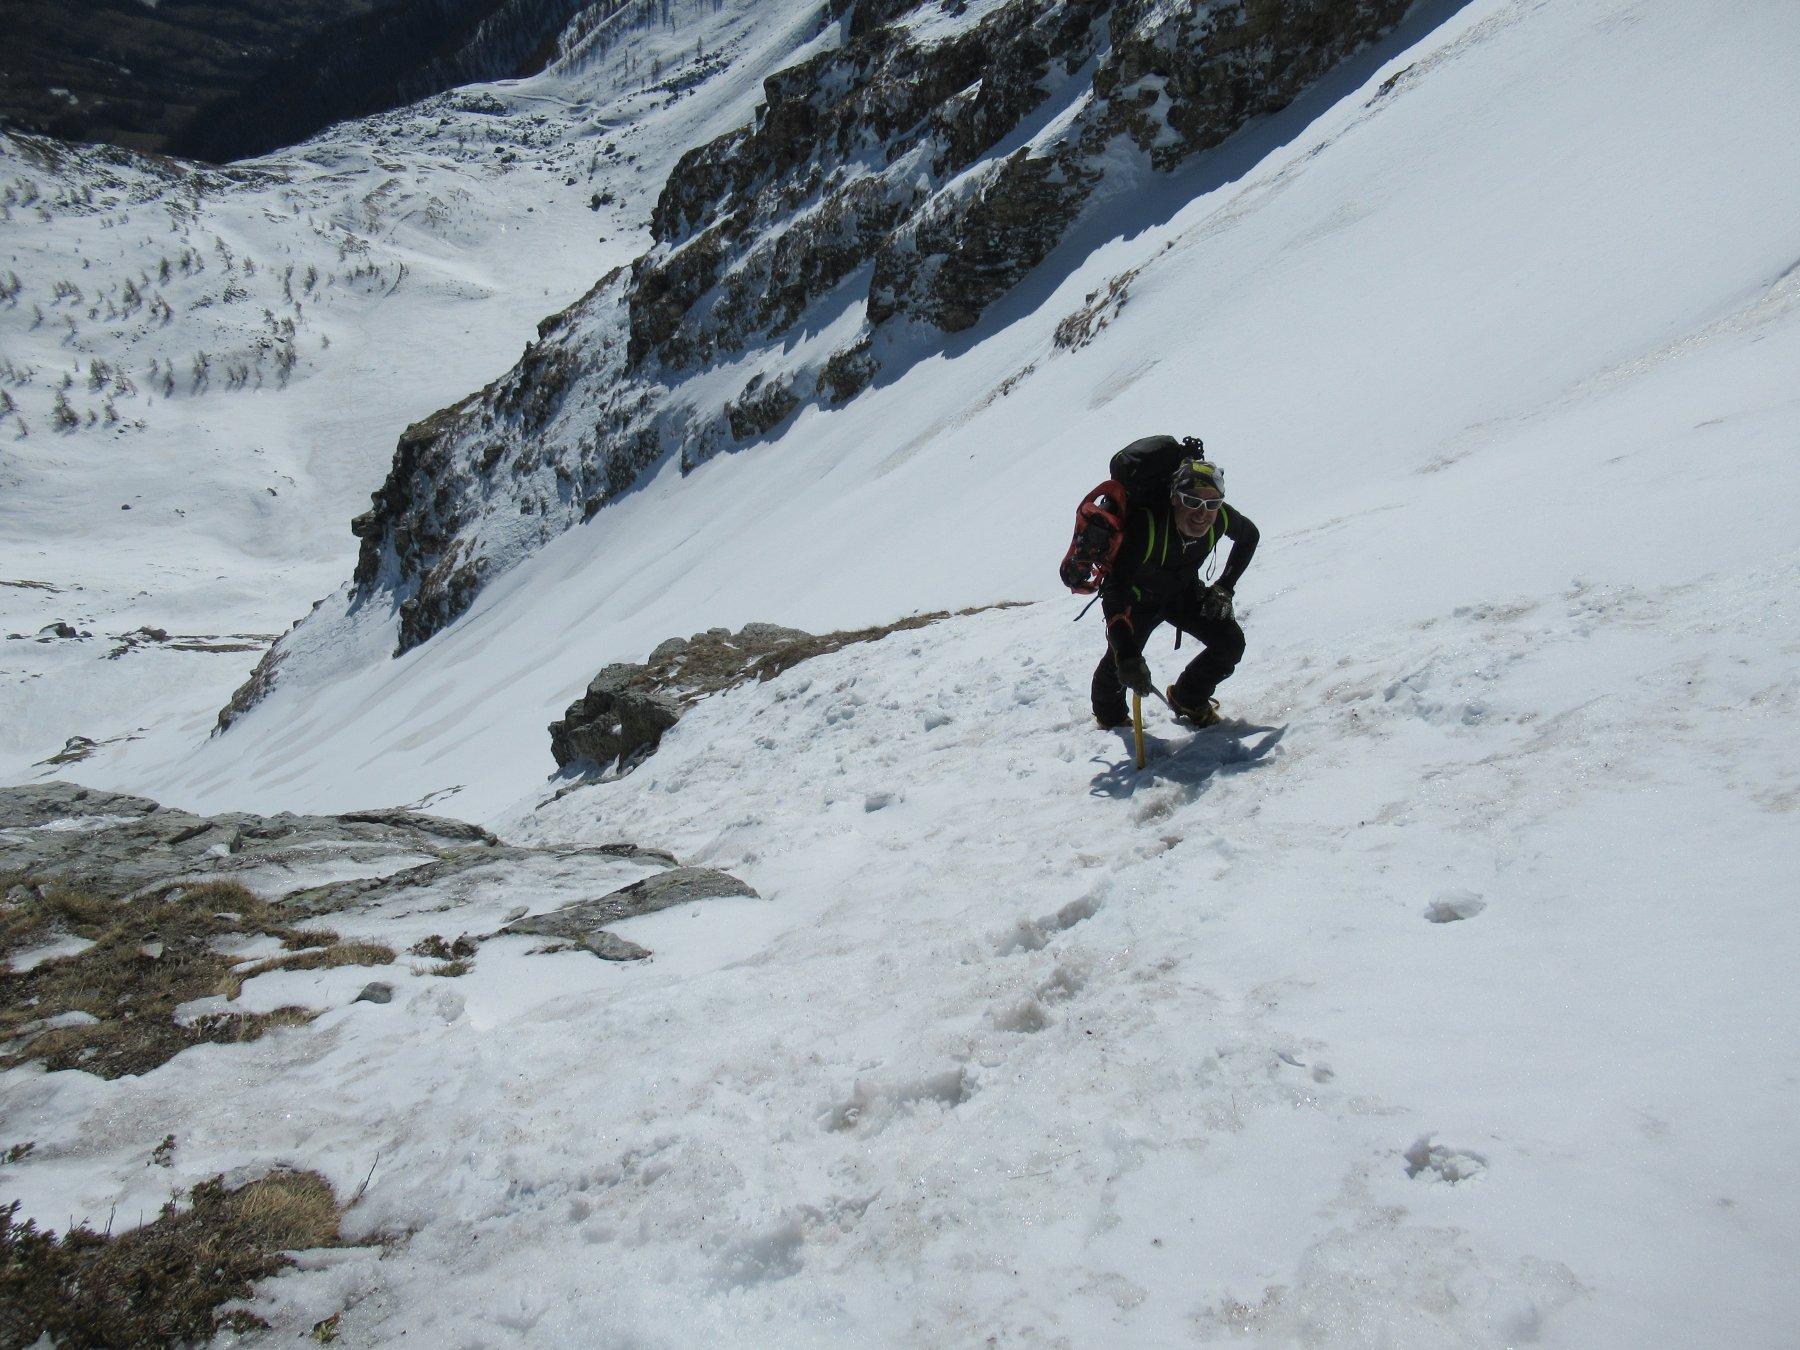 Chersogno (Monte) da Campiglione per il Colle di Chiosso 2020-02-14